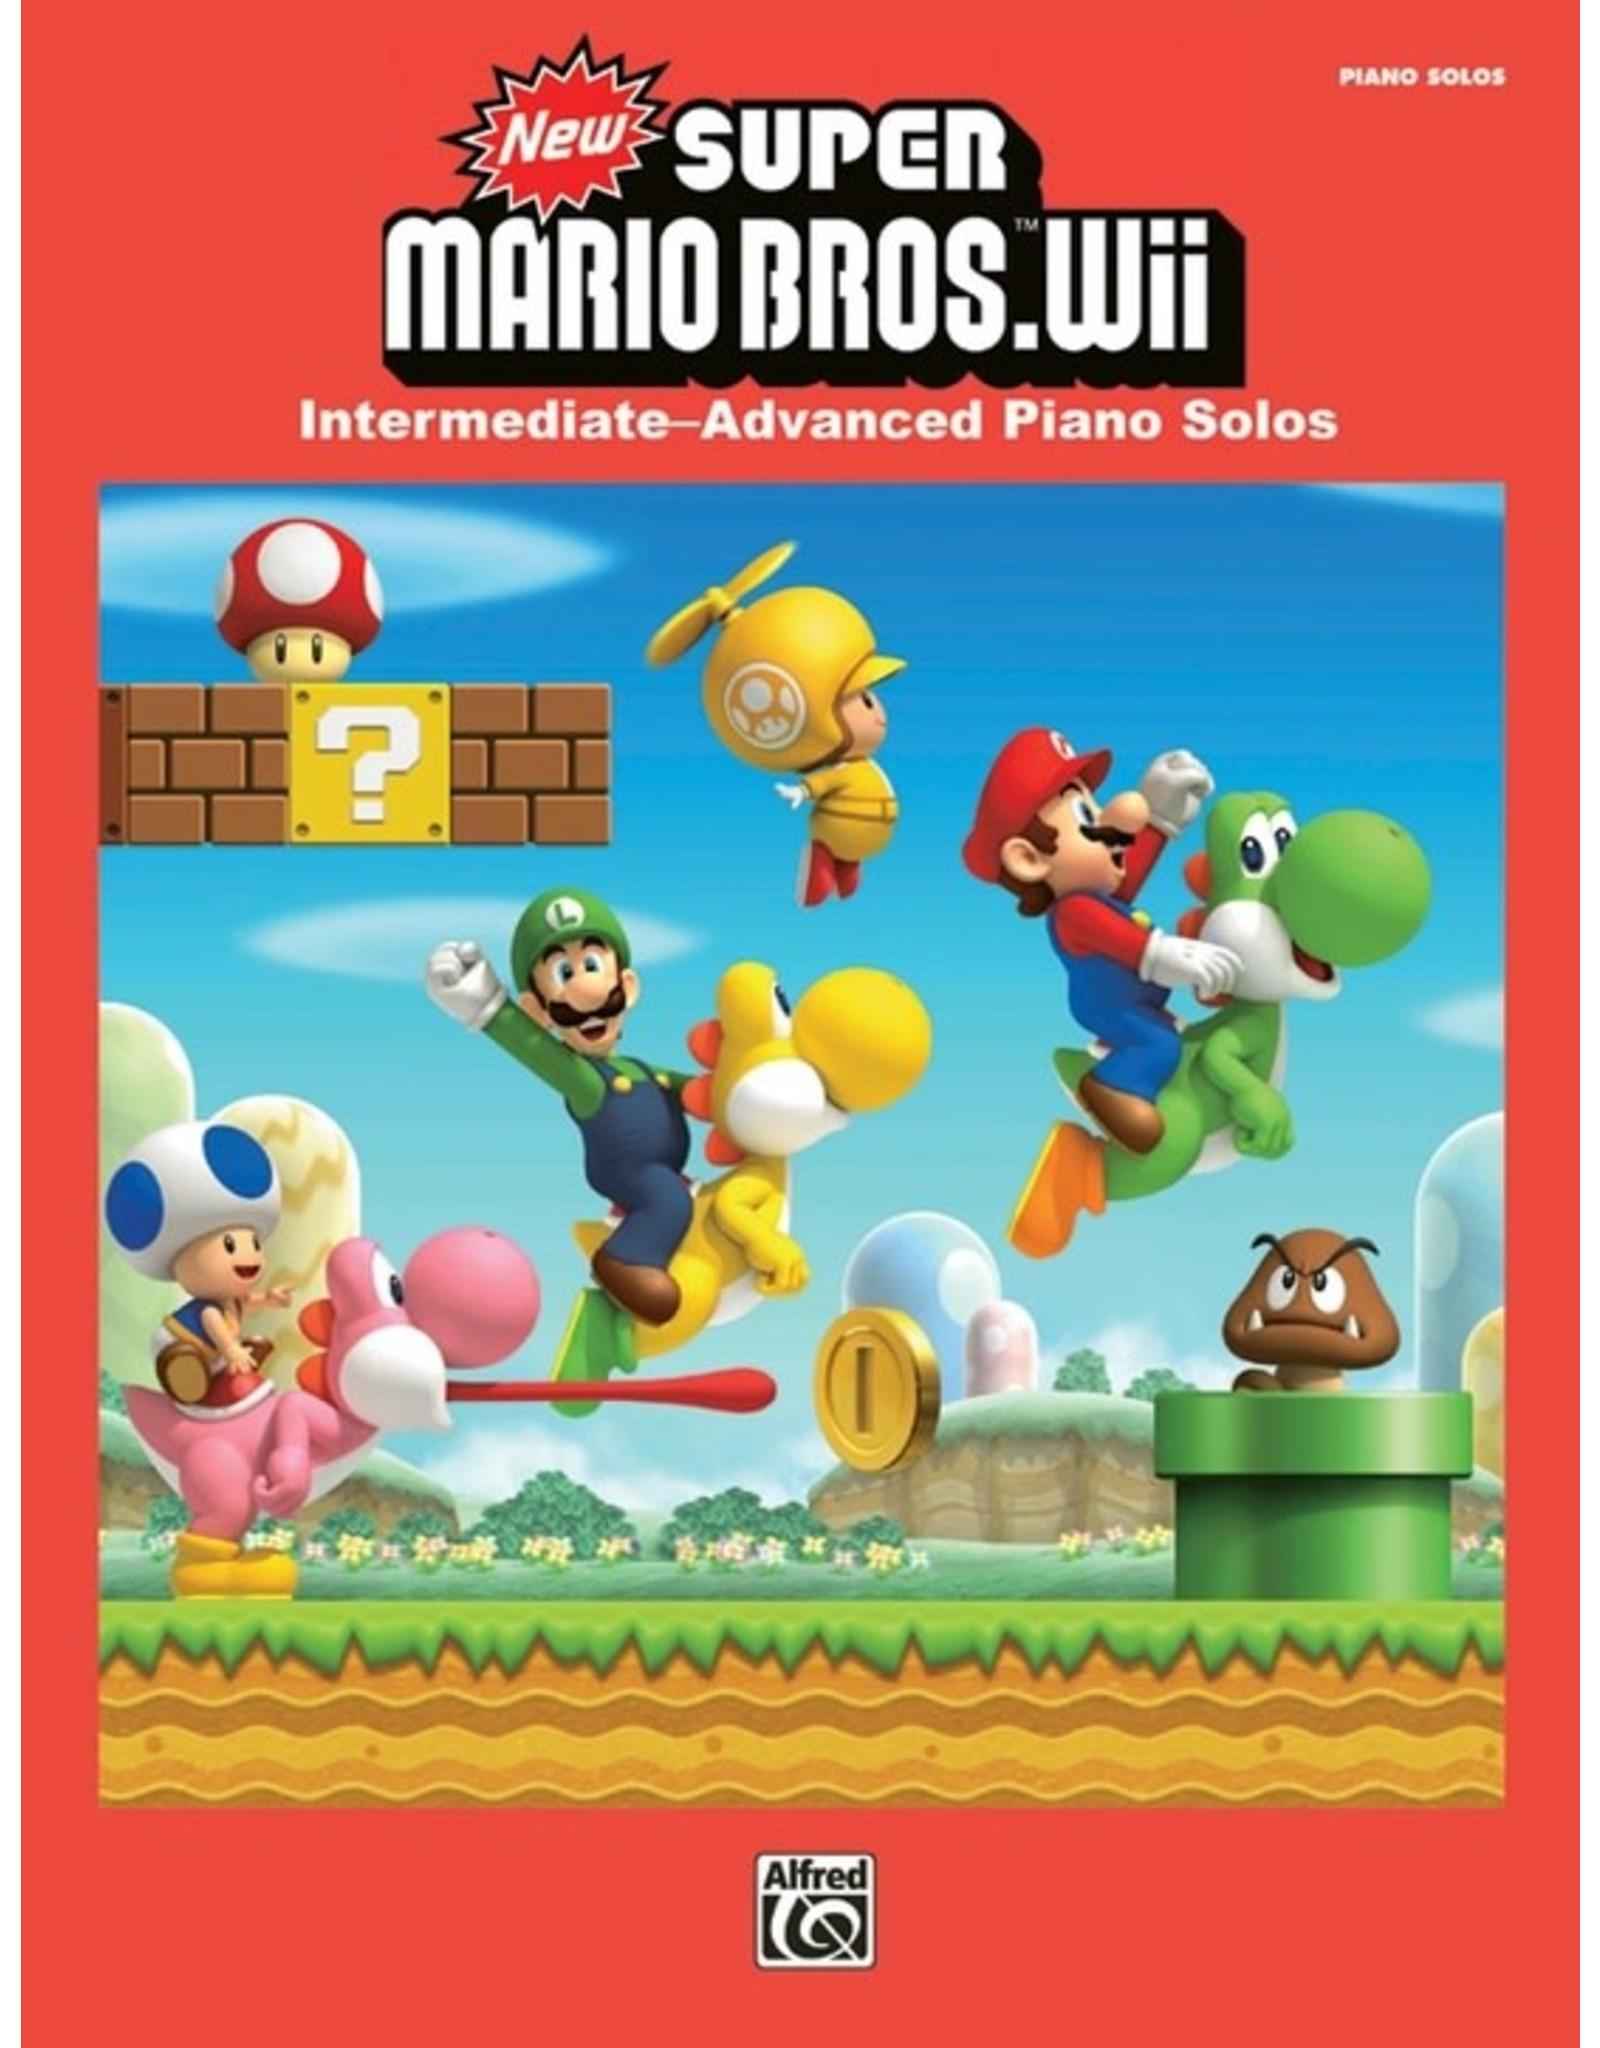 Alfred New Super Mario Bros. Wii - Intermediate to Advanced Piano Solos